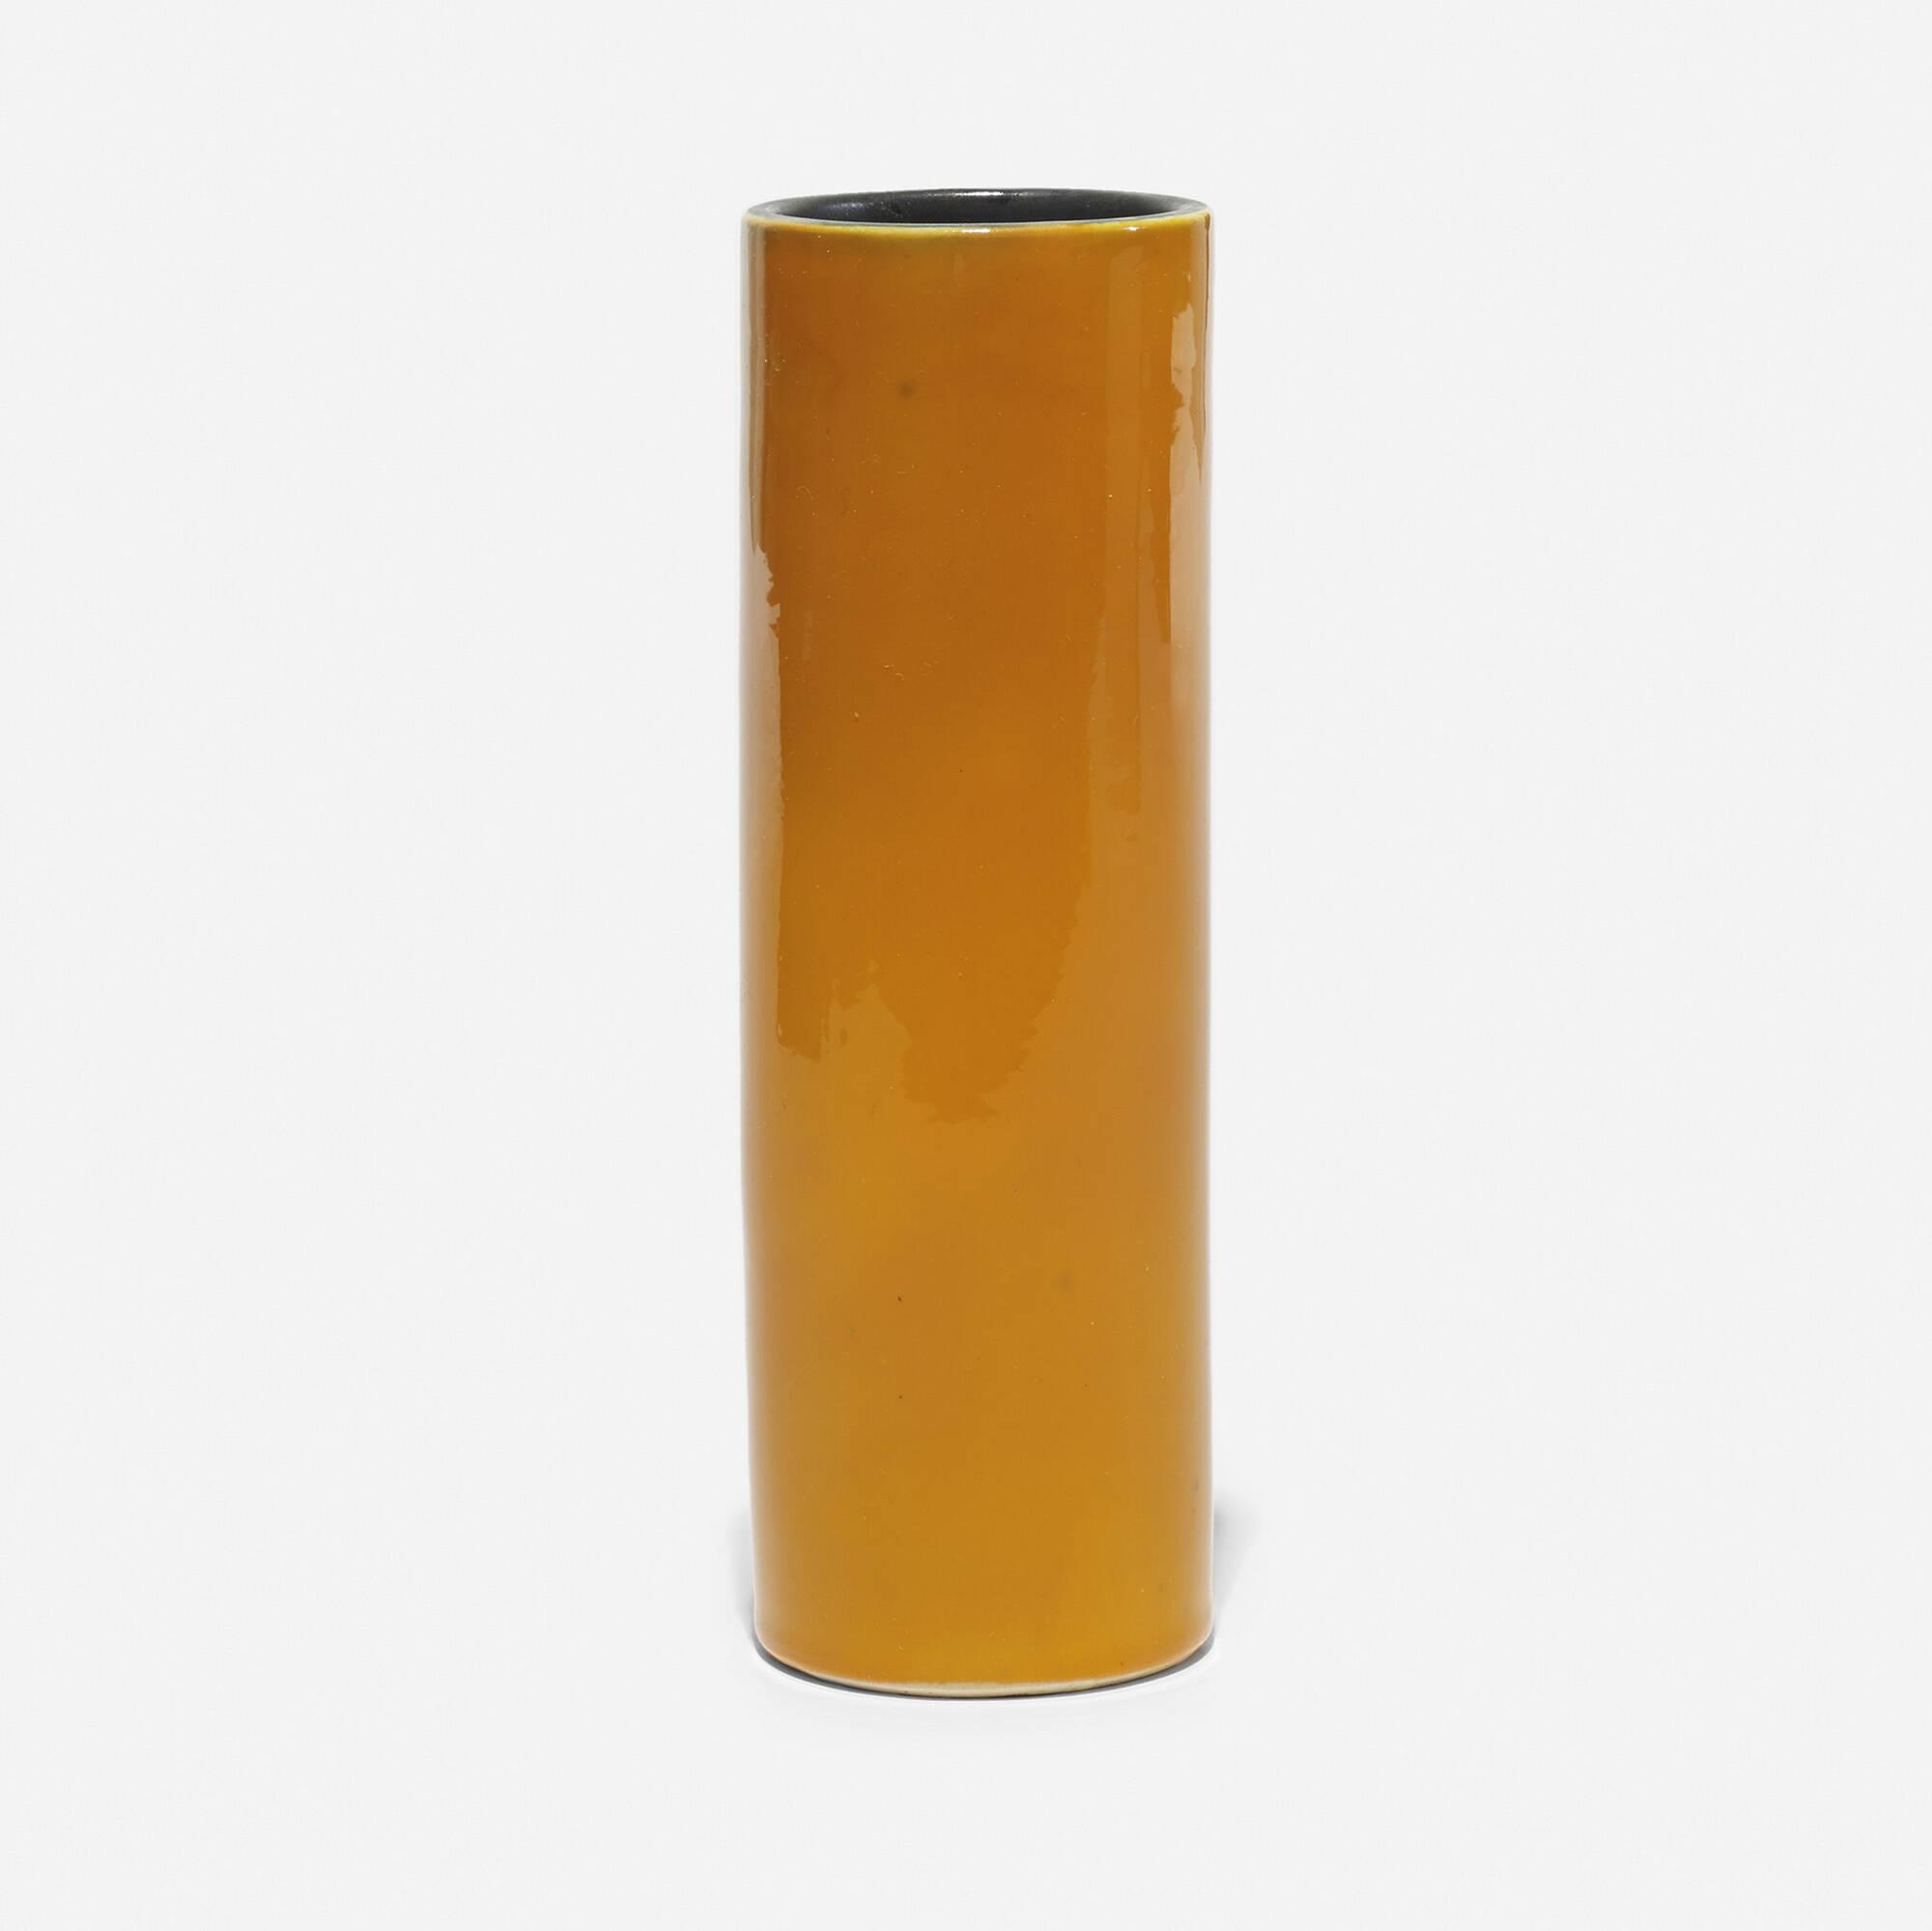 224: Georges Jouve / Cylinder vase (1 of 2)